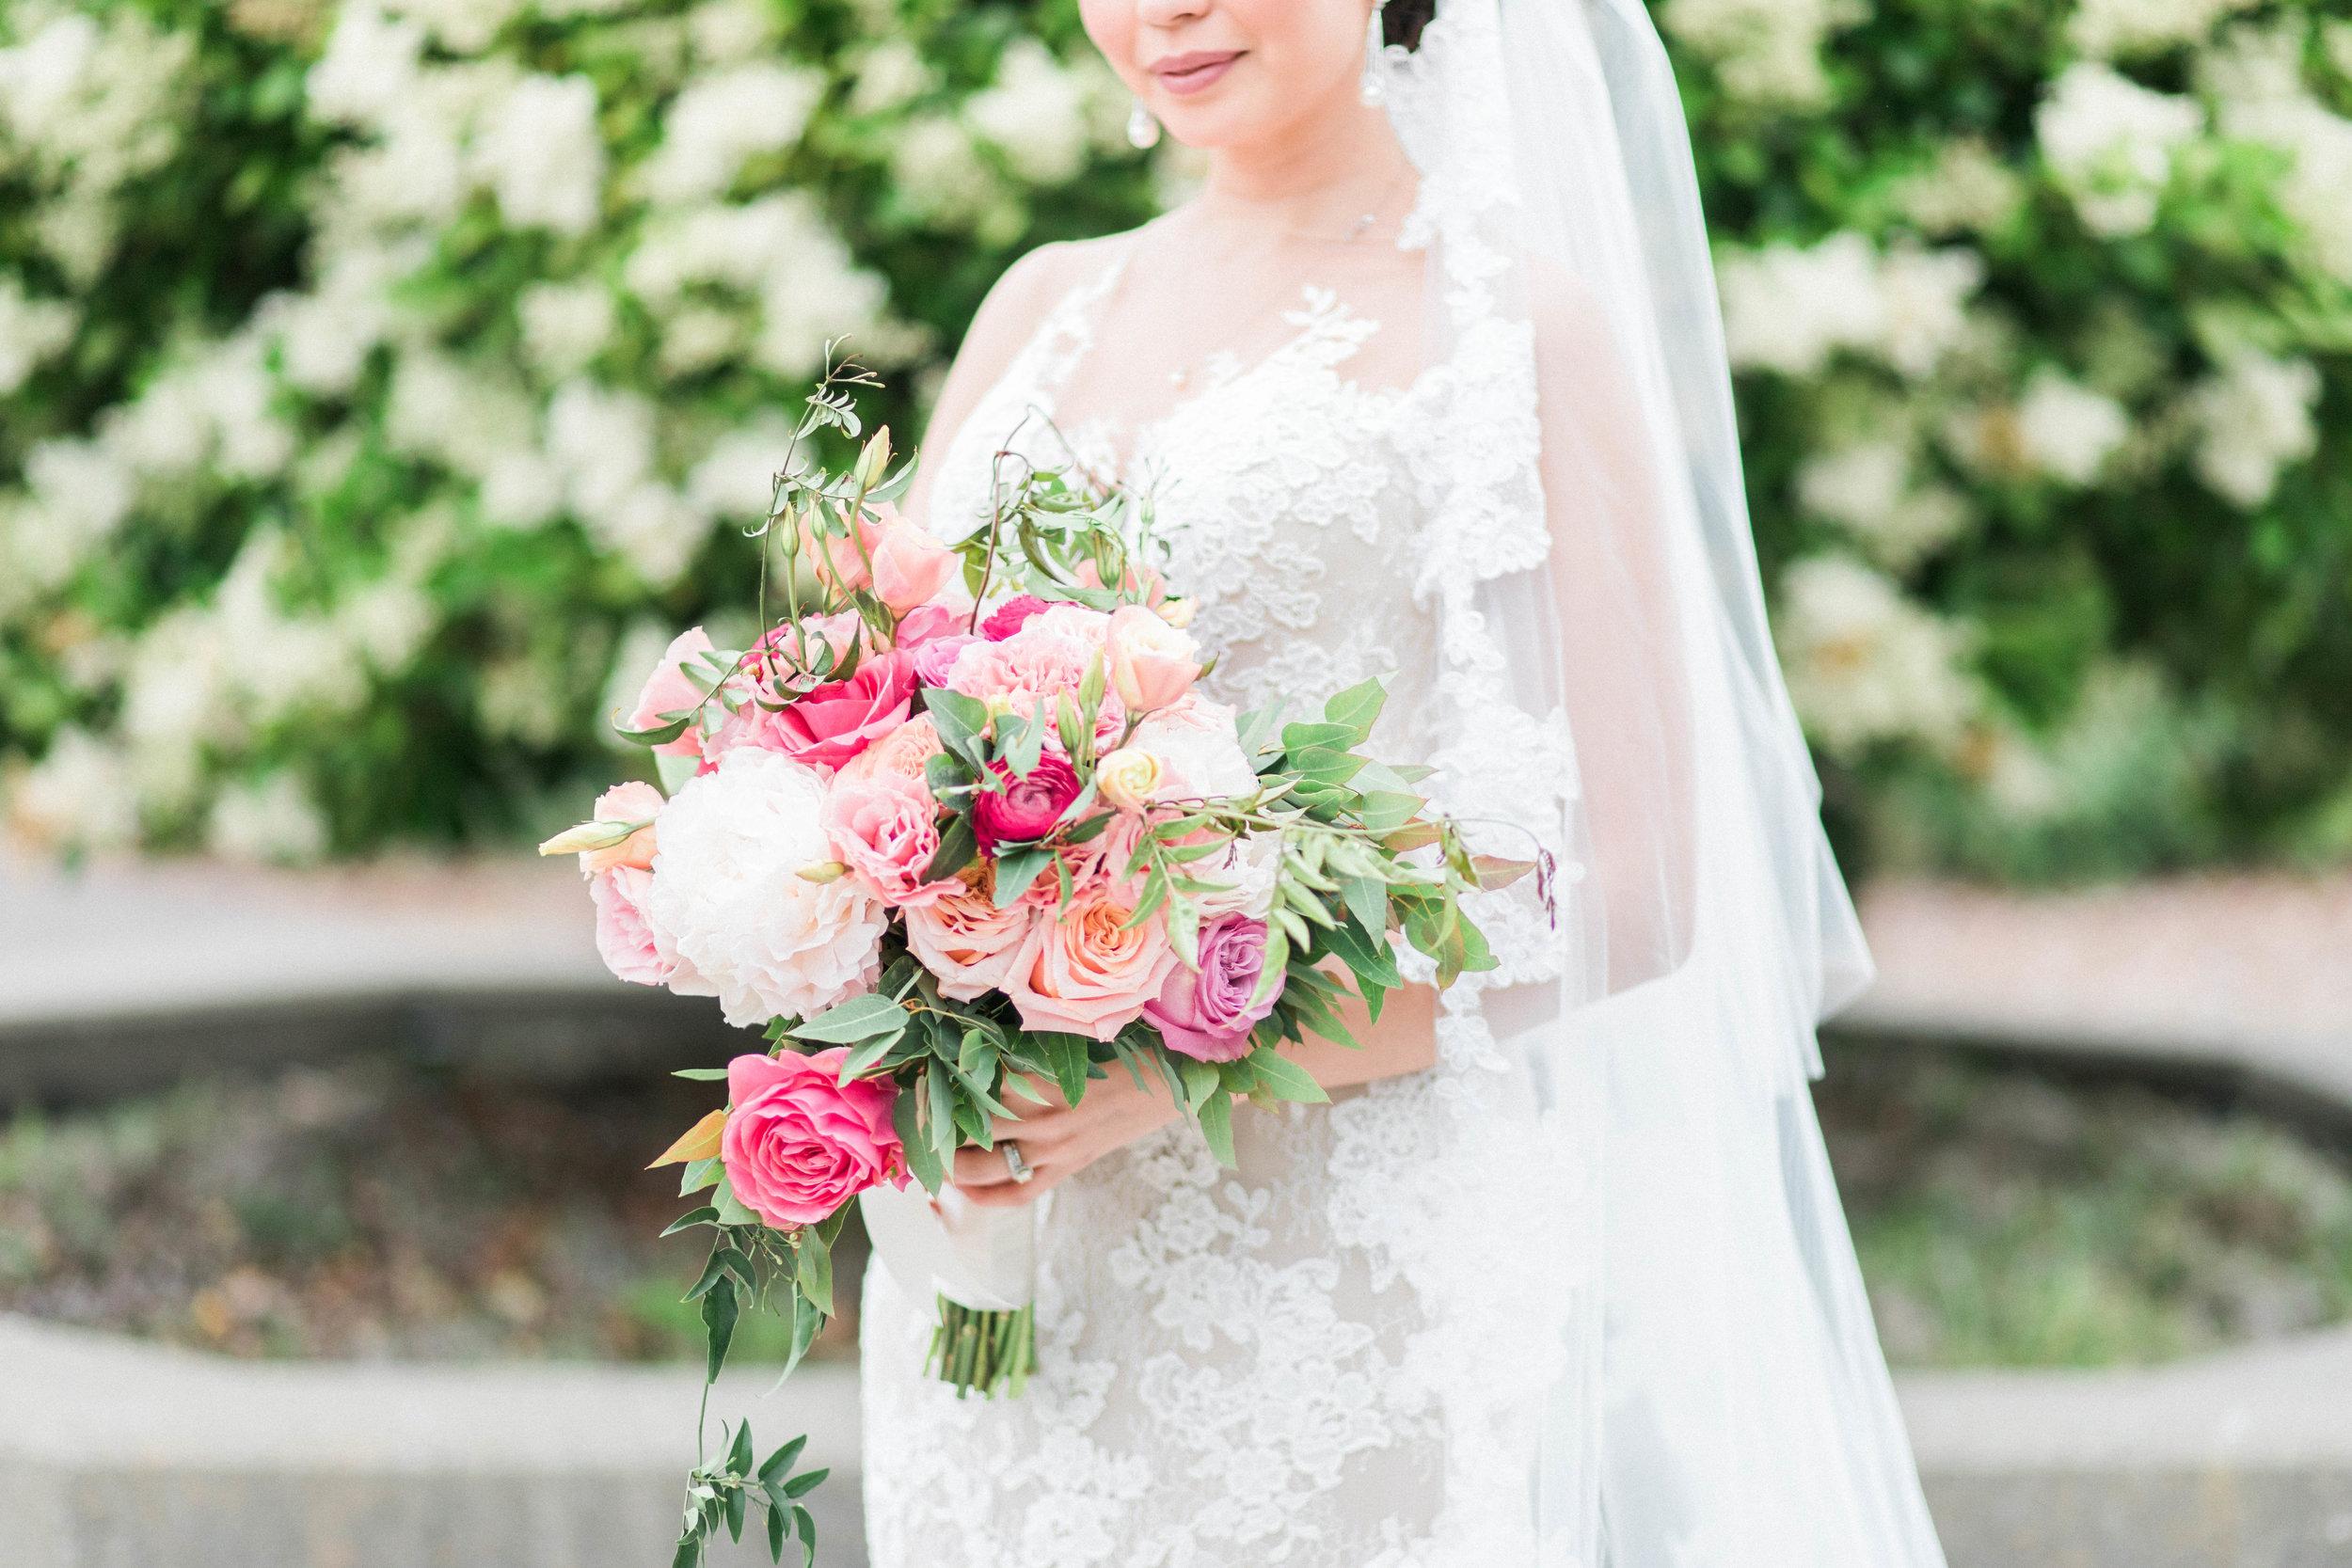 Mark-Christine-Full-Wedding-394.jpg